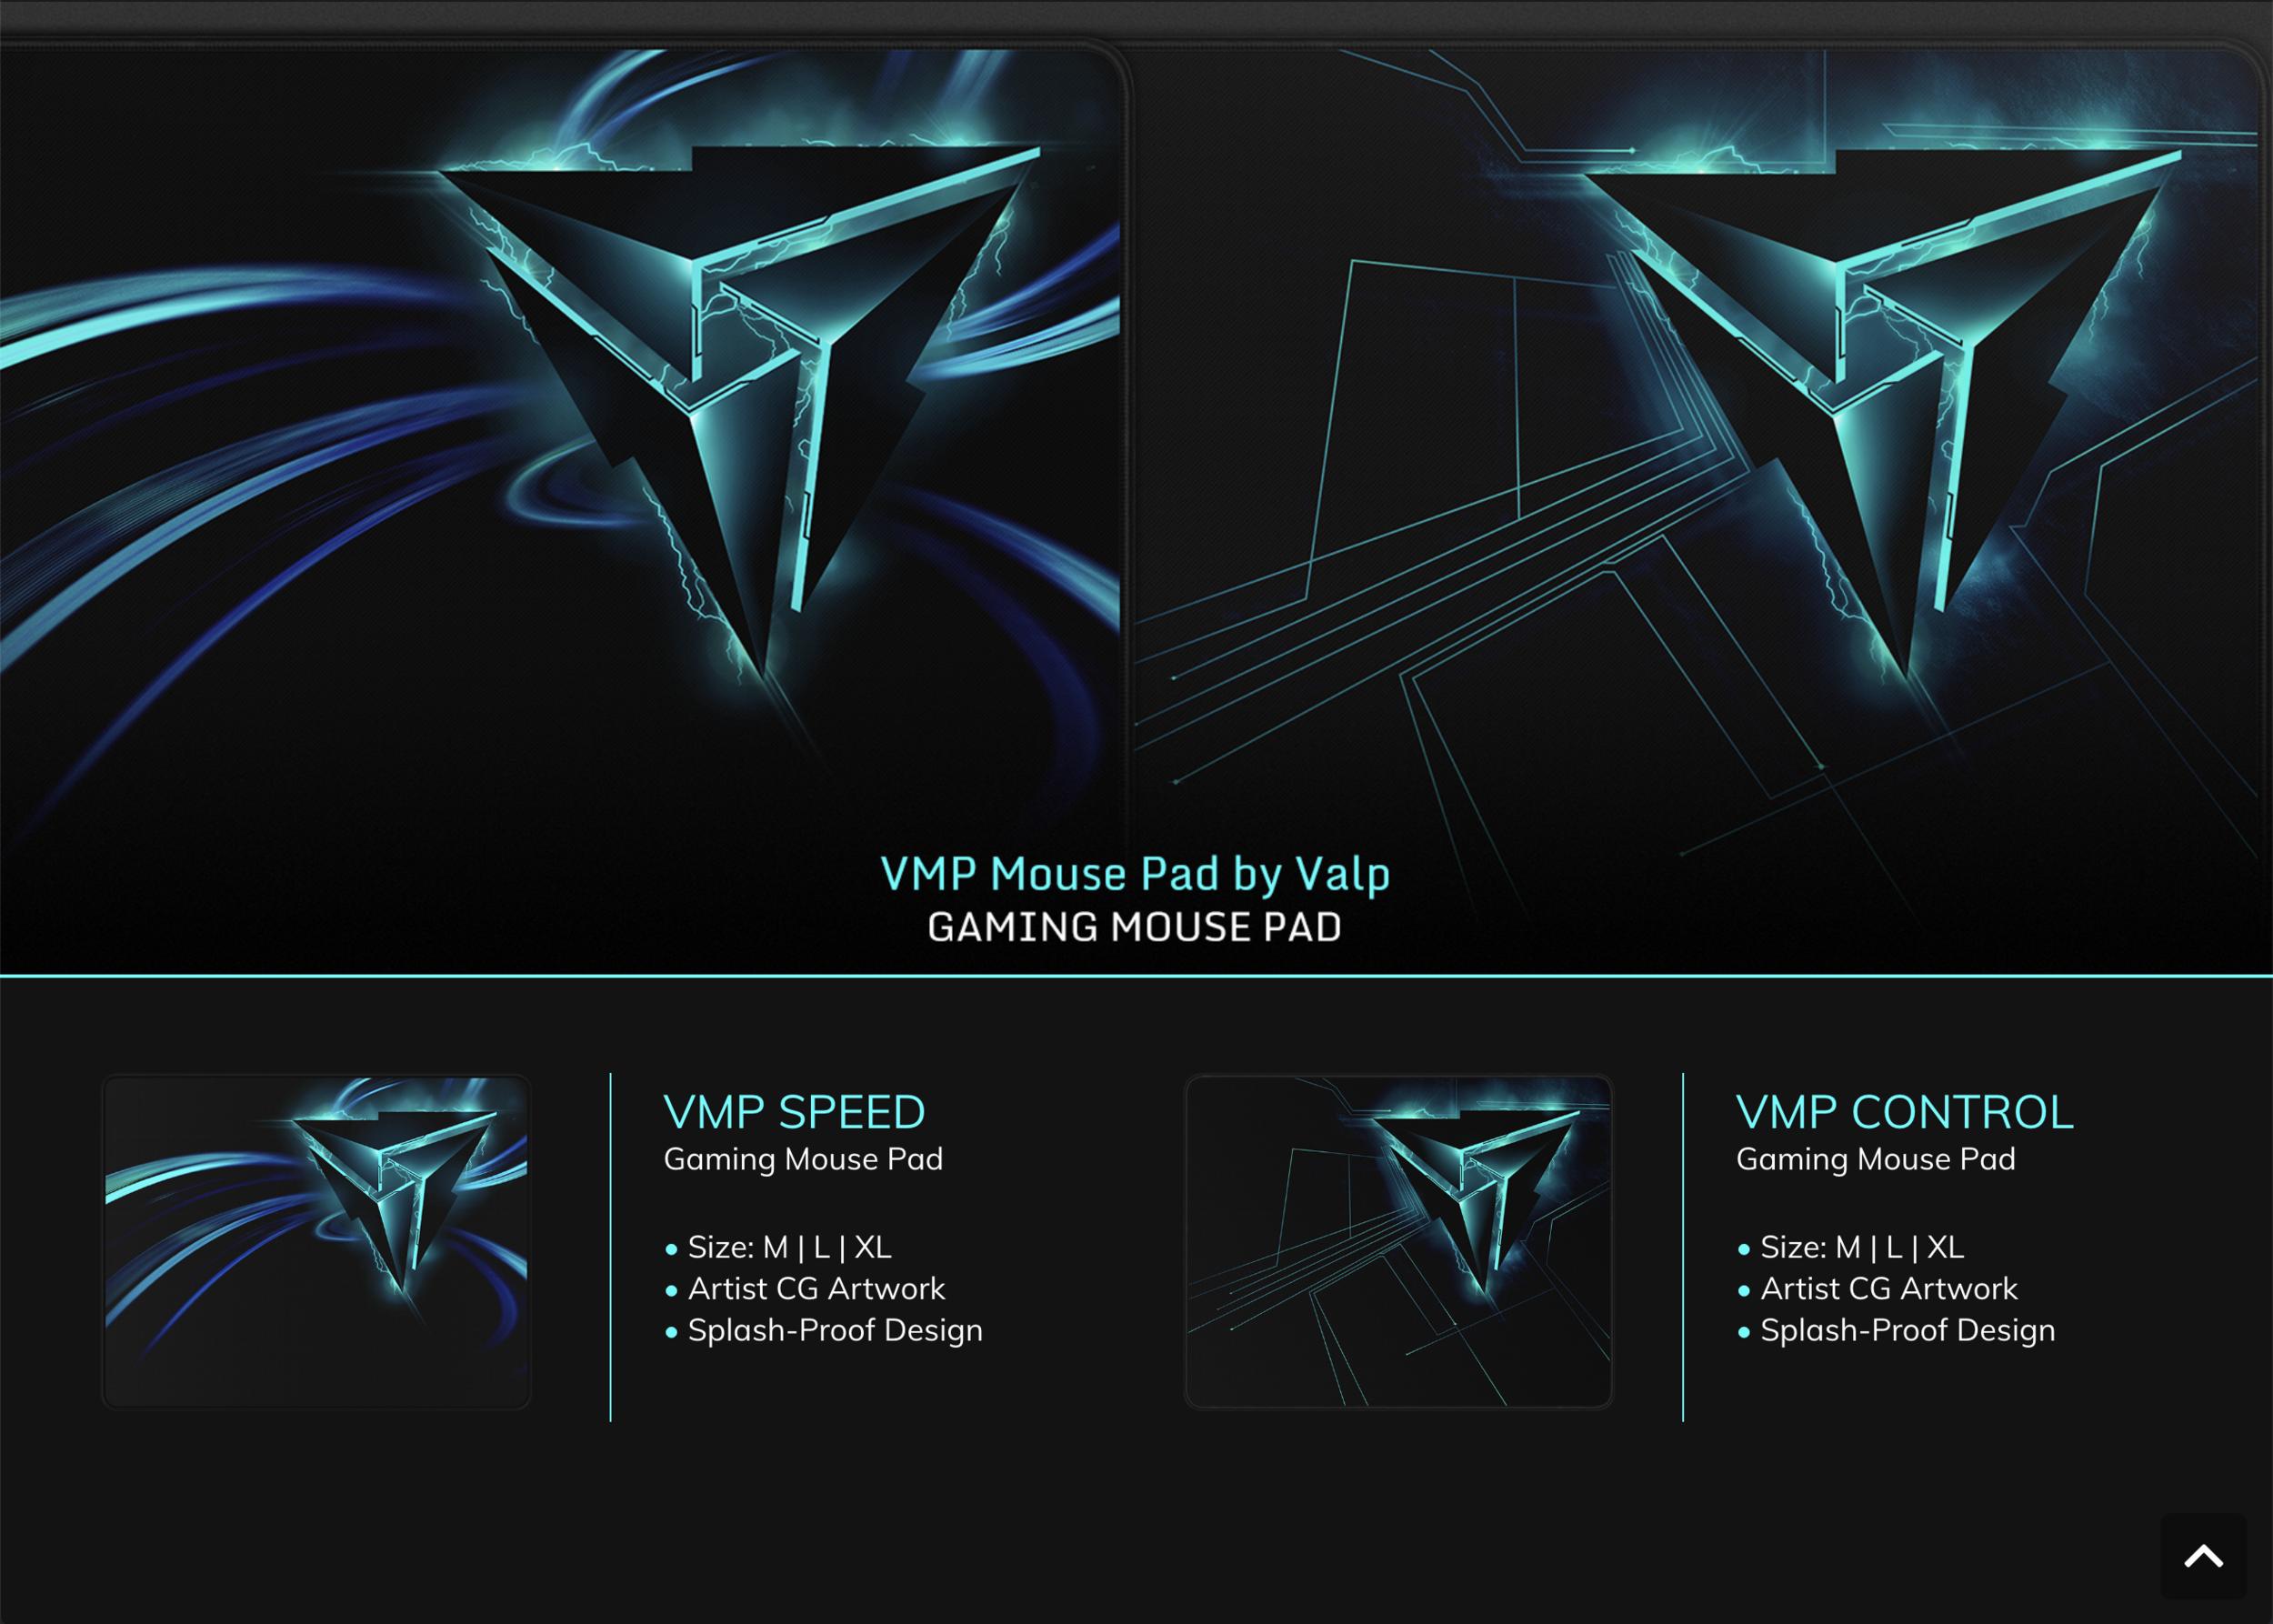 ValpMousePads-ThunderX3.png